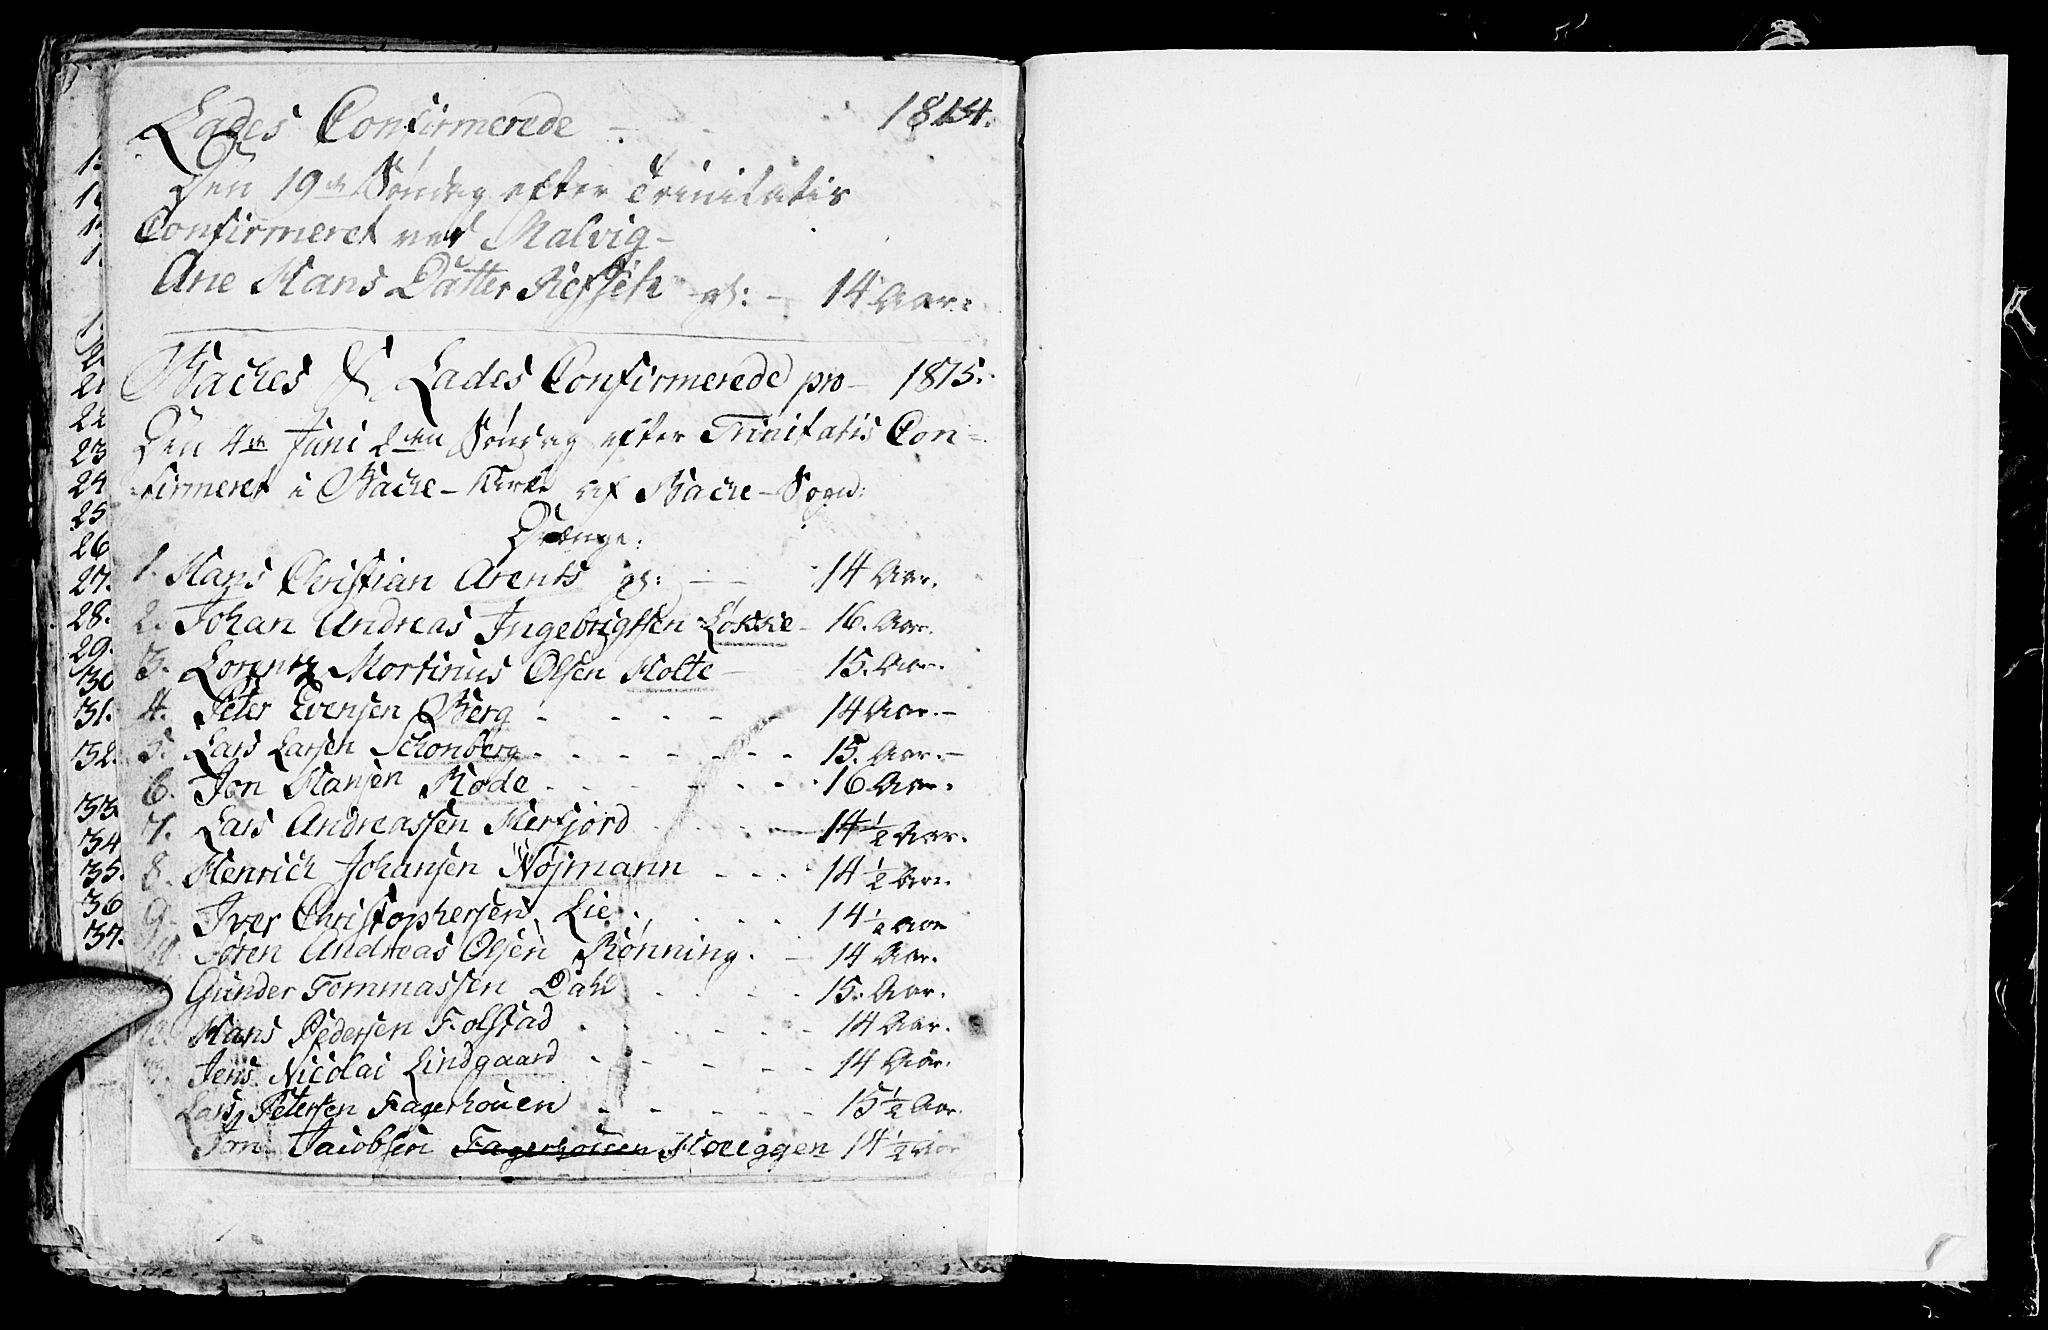 SAT, Ministerialprotokoller, klokkerbøker og fødselsregistre - Sør-Trøndelag, 604/L0218: Klokkerbok nr. 604C01, 1754-1819, s. 265